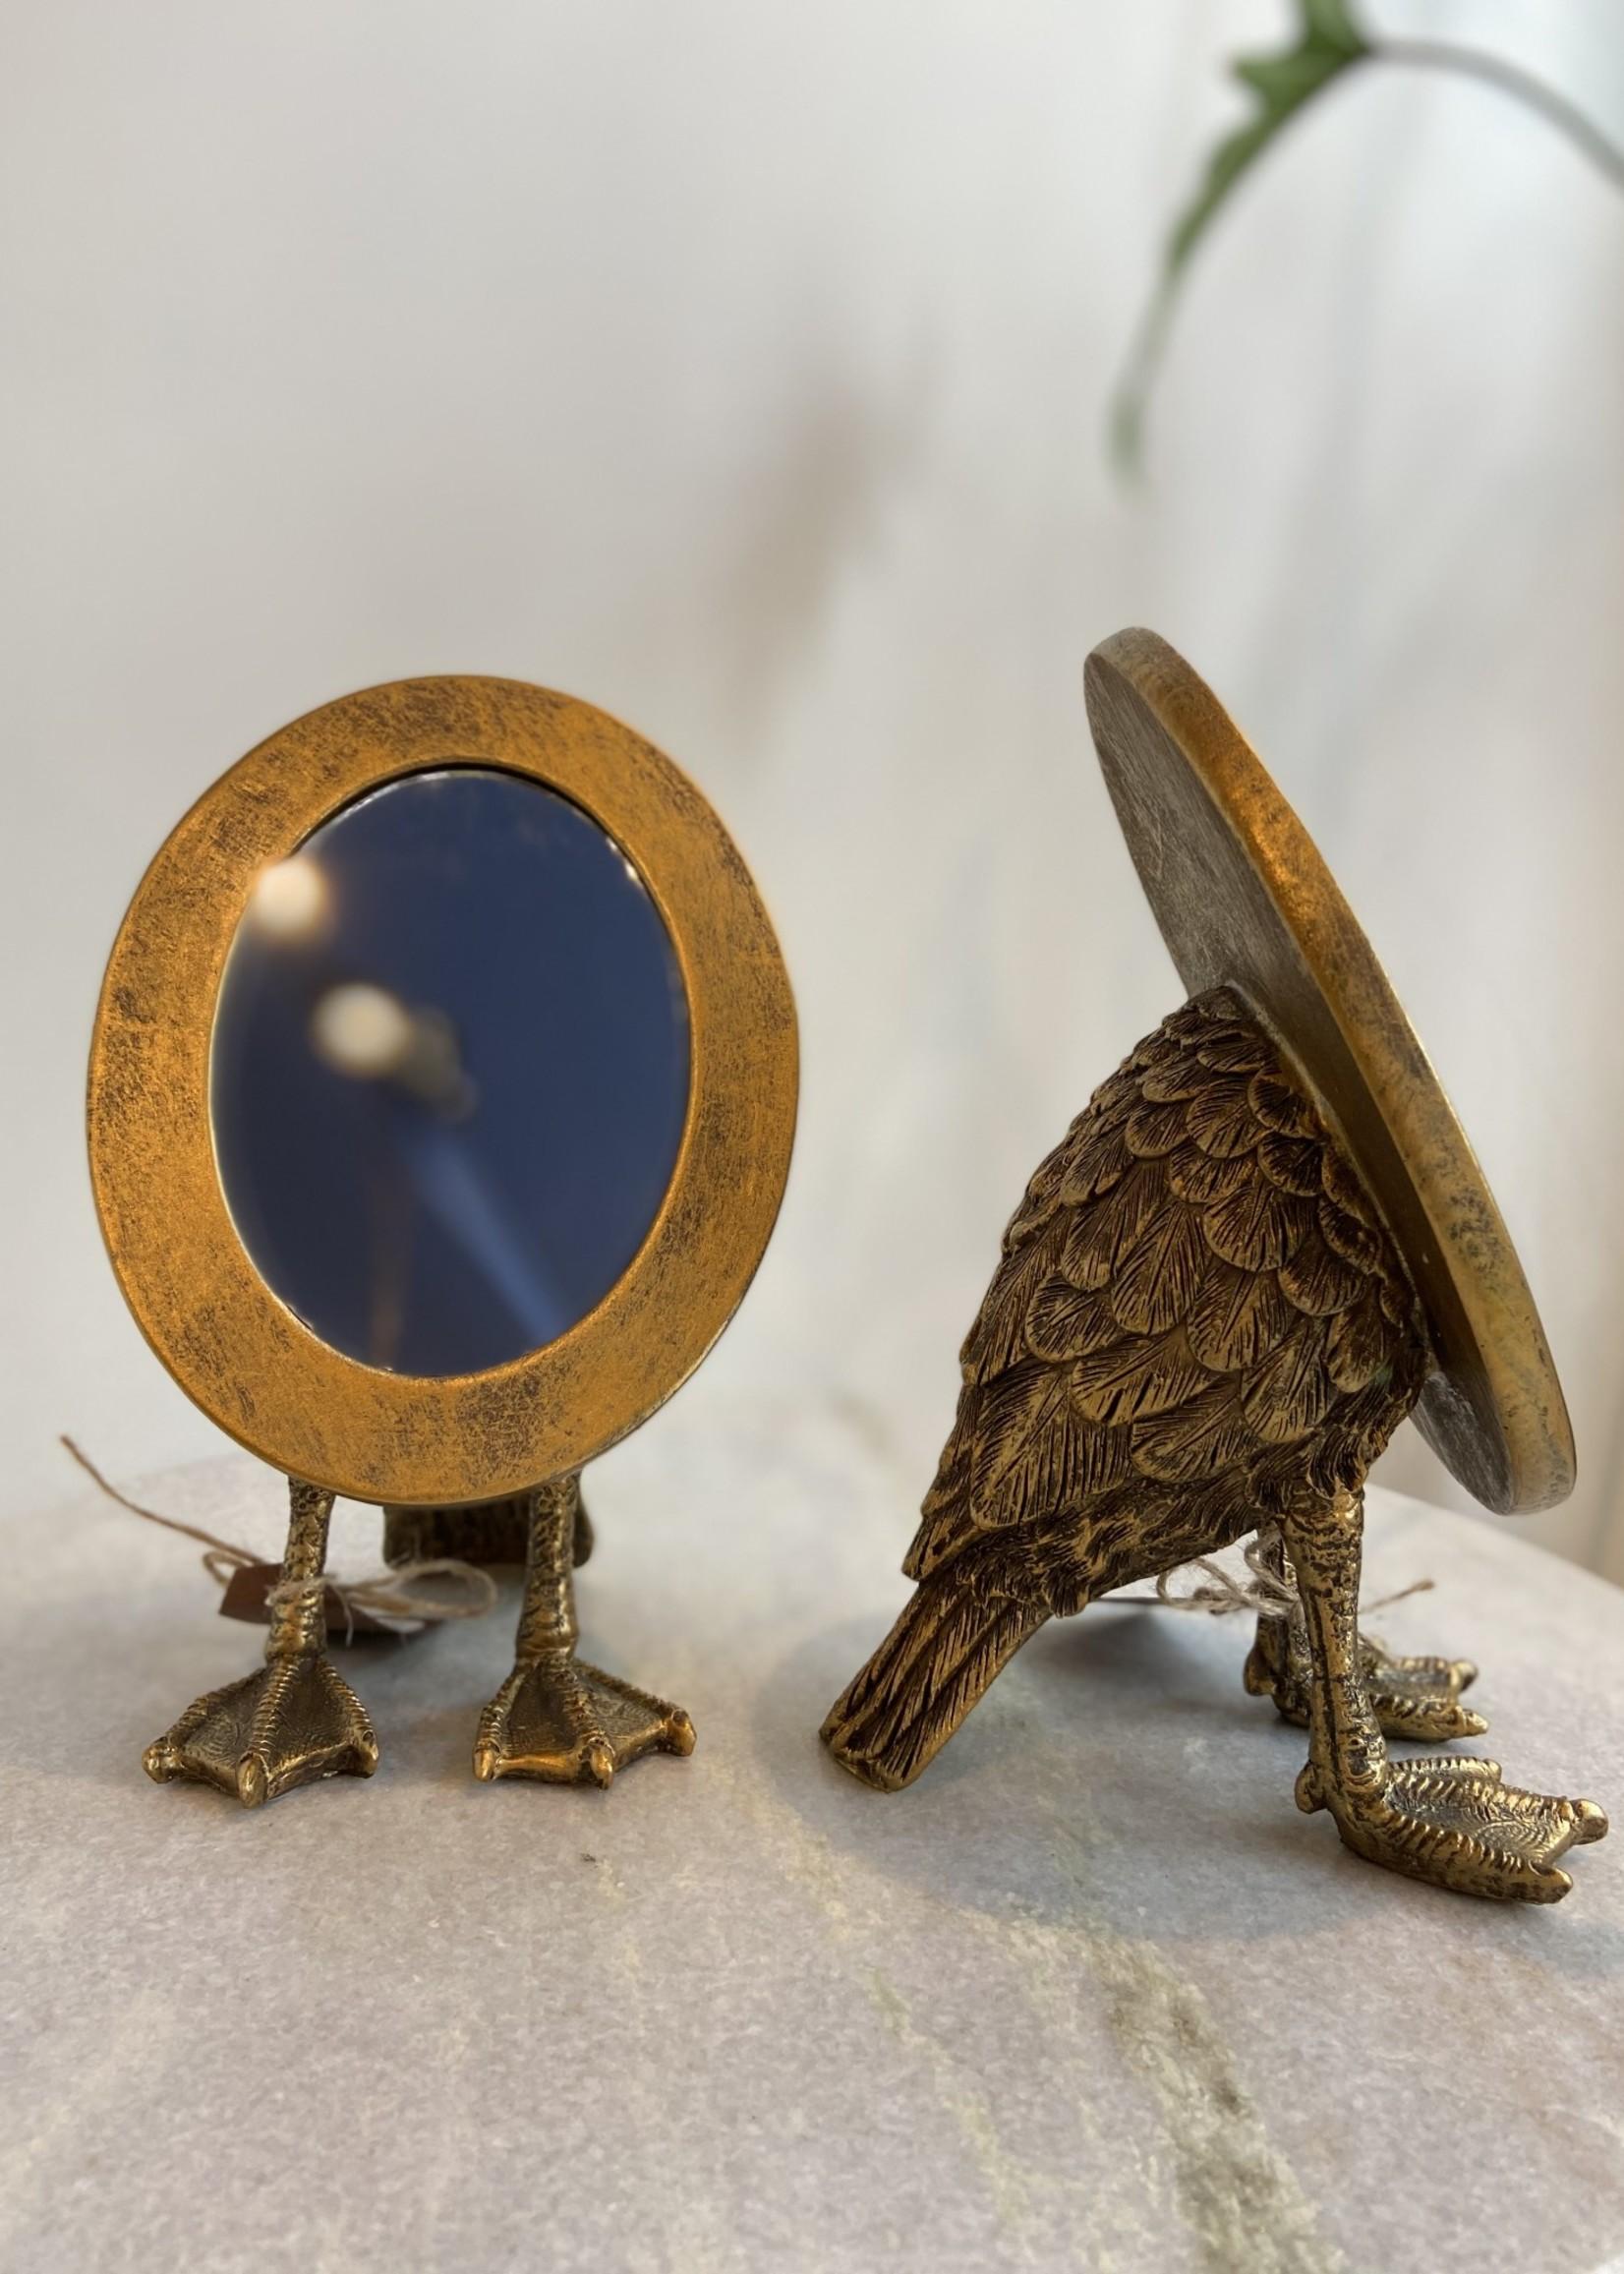 Chehoma Spiegel op eendenvoetjes 12.5 cm